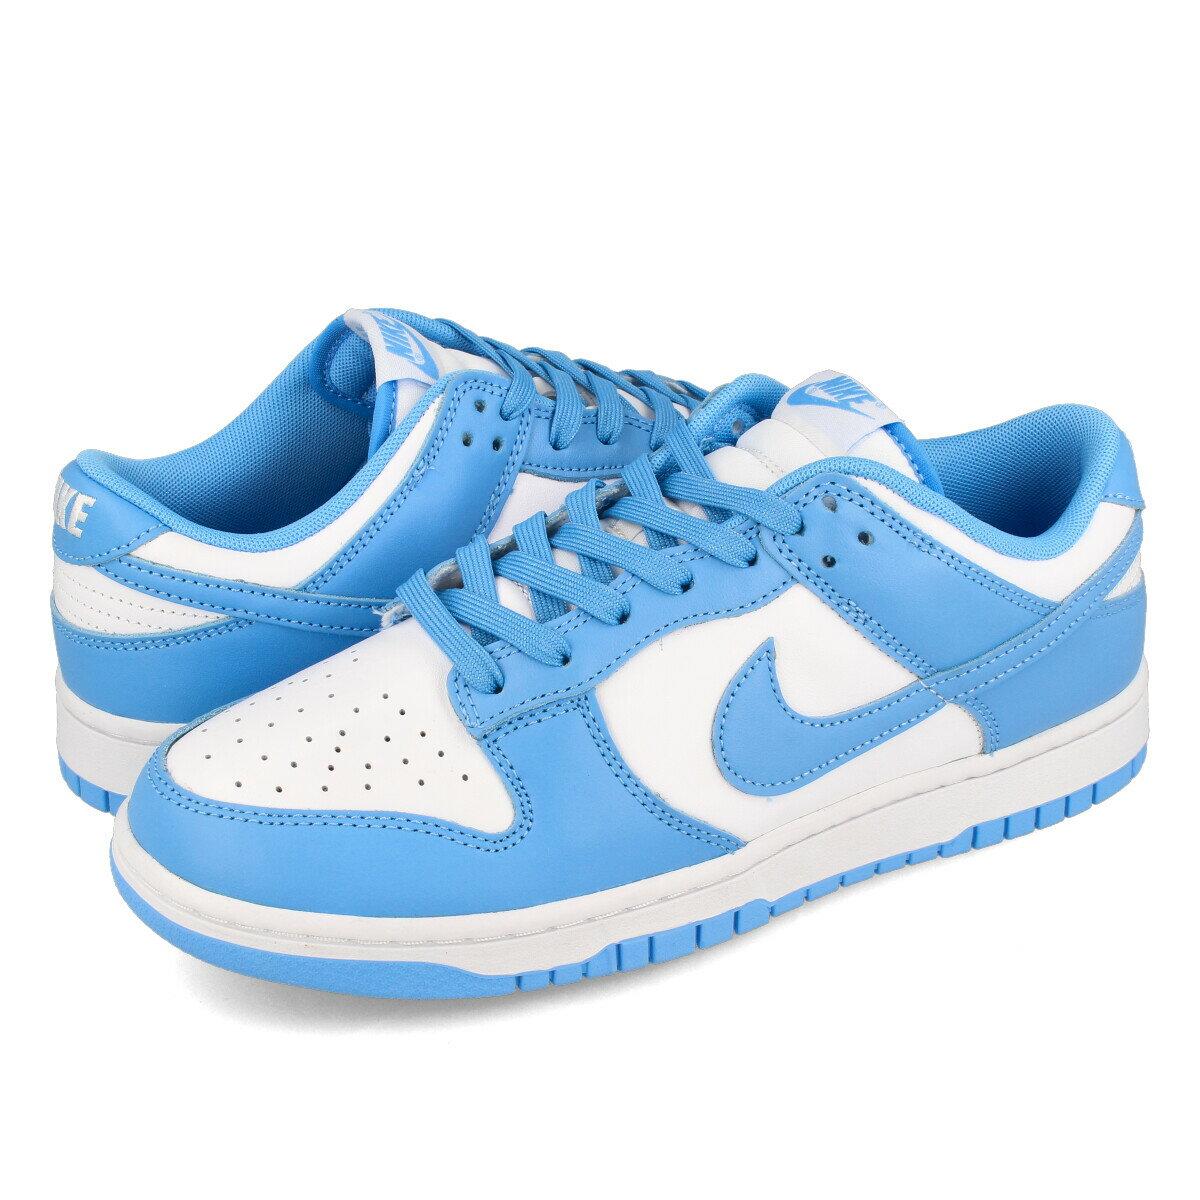 メンズ靴, スニーカー NIKE DUNK LOW RETRO UNC WHITEUNIVERSITY BLUEWHITE dd1391-102